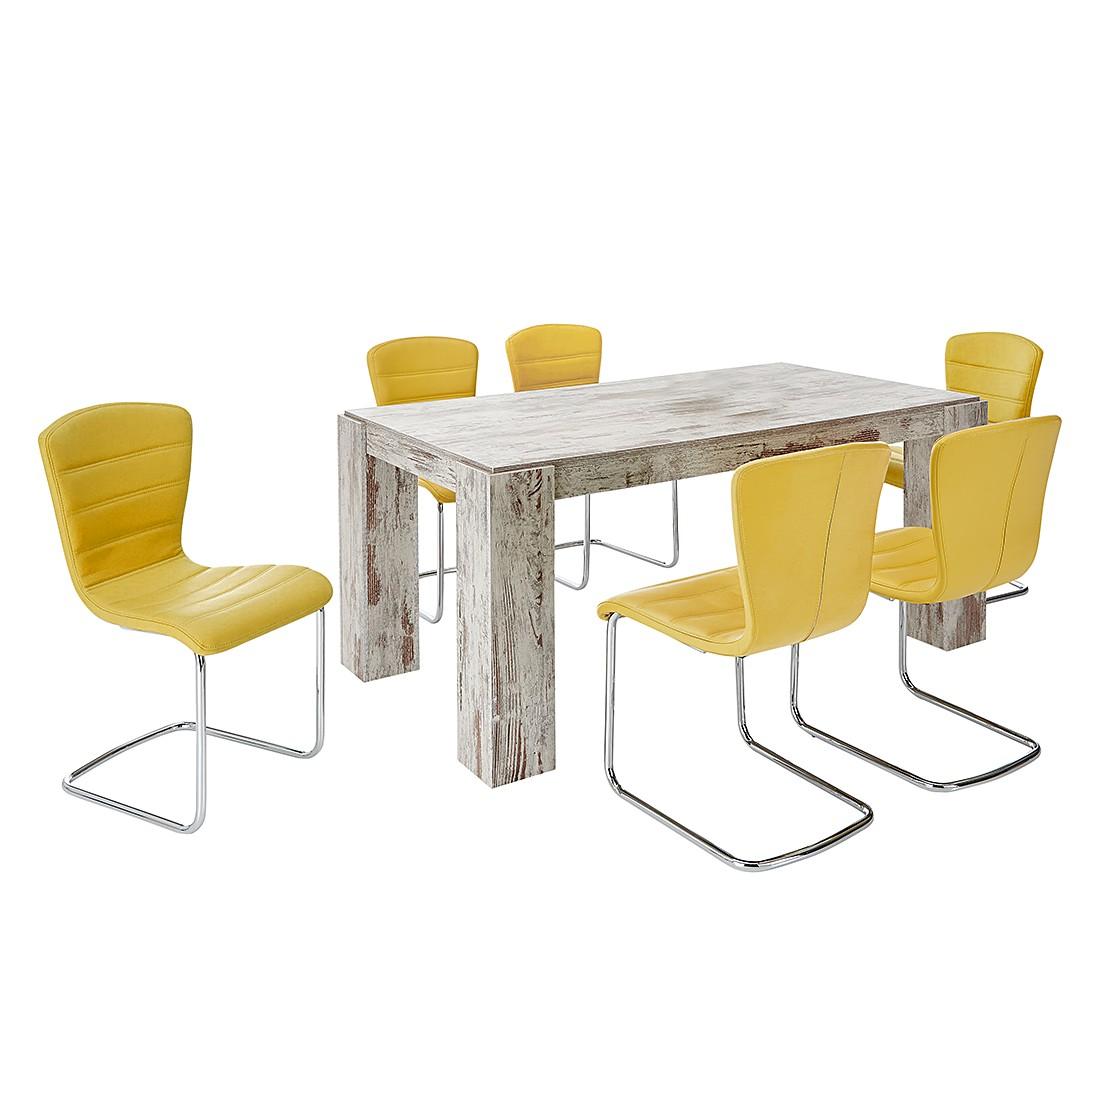 Essgruppe Wido II (7-teilig) – Vintage Weiß / Gelb, Home Design jetzt bestellen